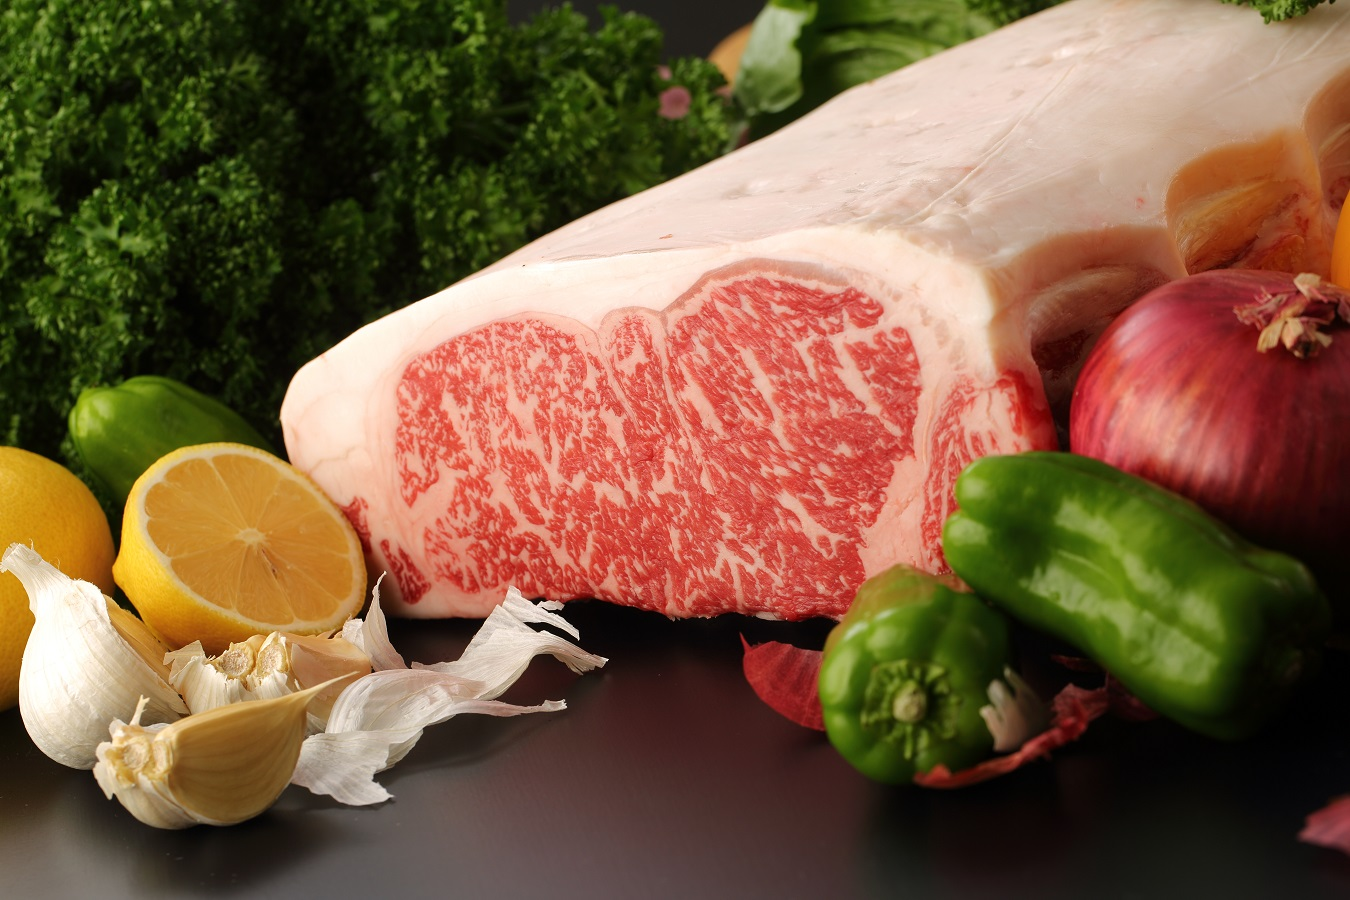 GWは和牛原種の濃厚な旨みとコクを引き継いだ萩の見蘭牛で贅沢おうちBBQ!